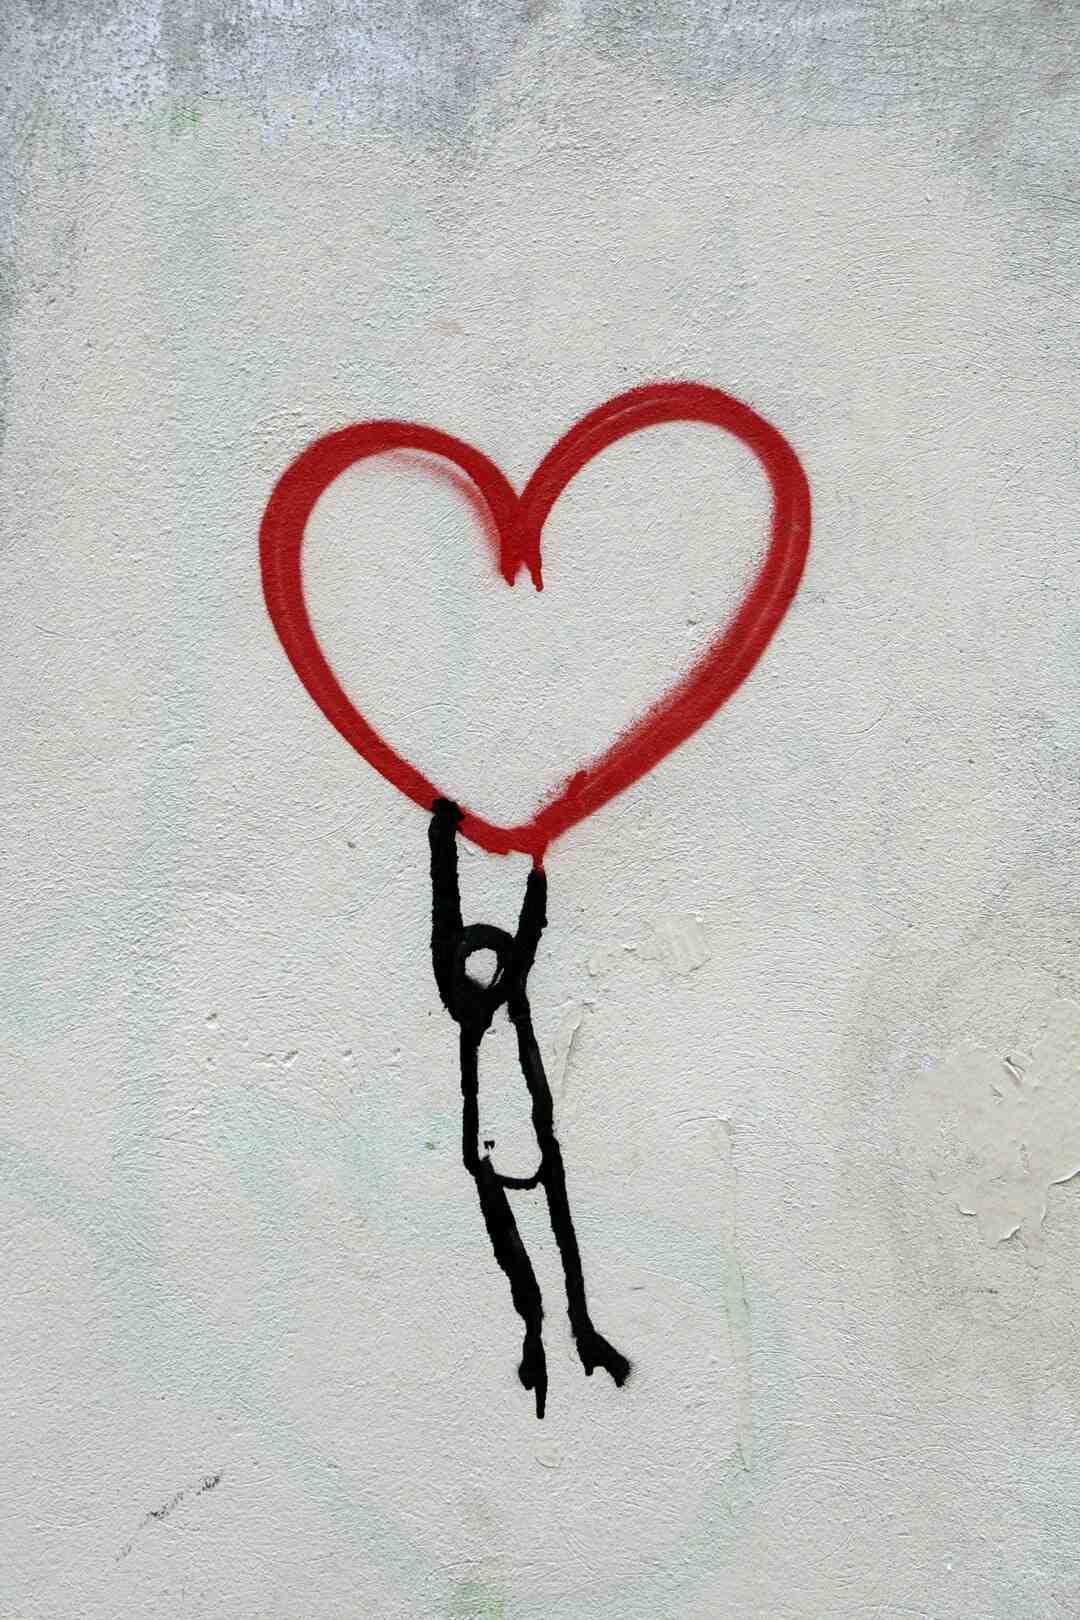 Comment dire adieu à un amour impossible ?